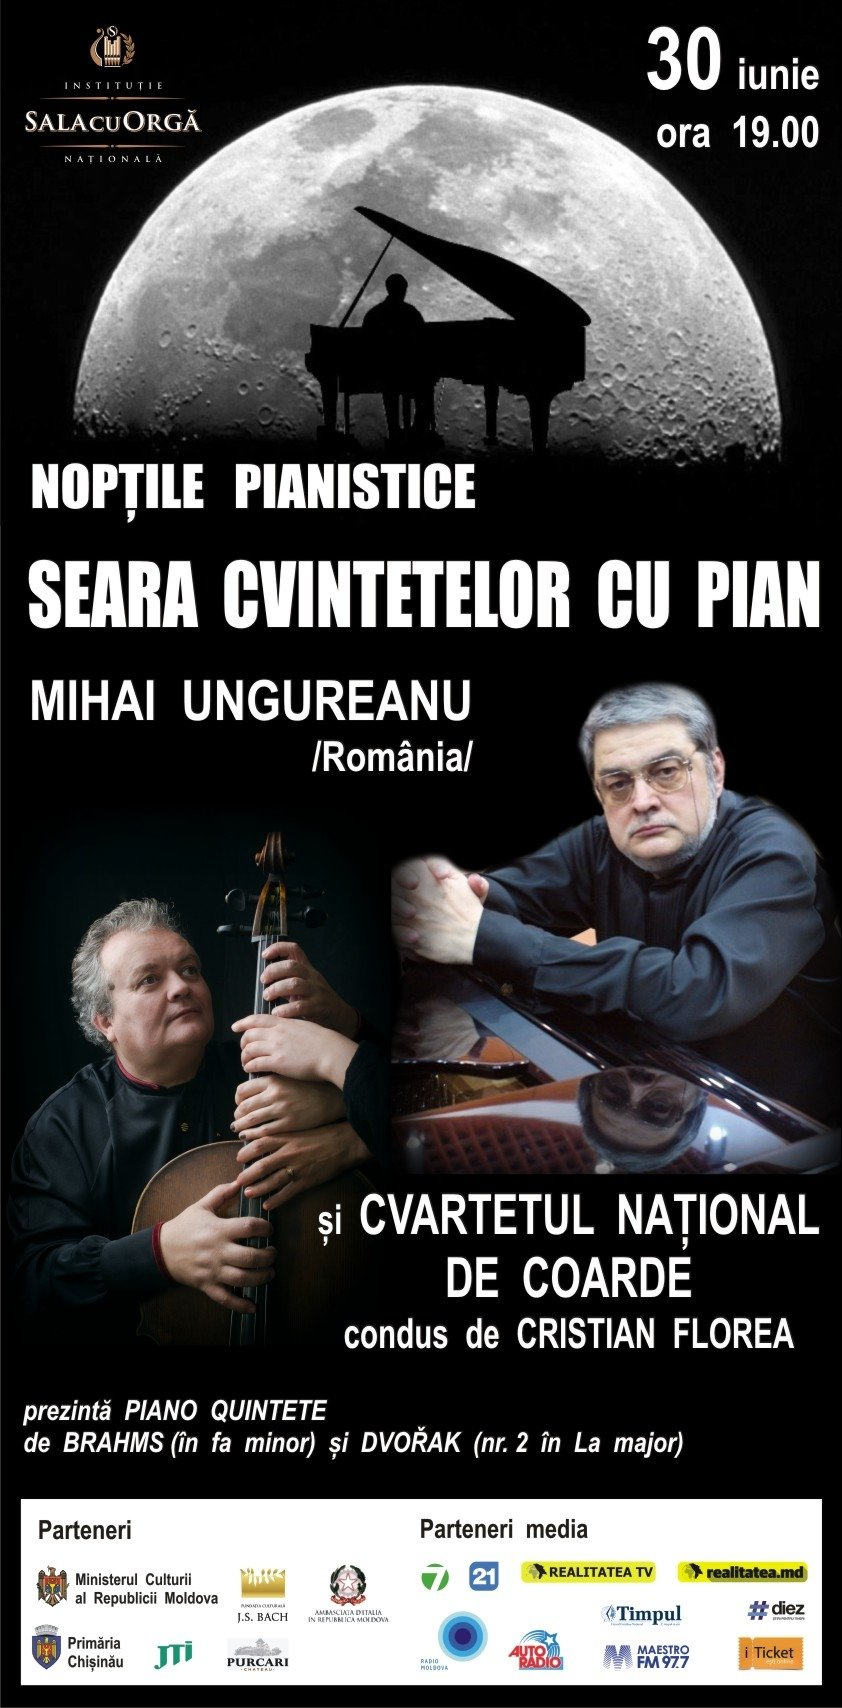 Noptile pianistice cu Mihai Ungureanu